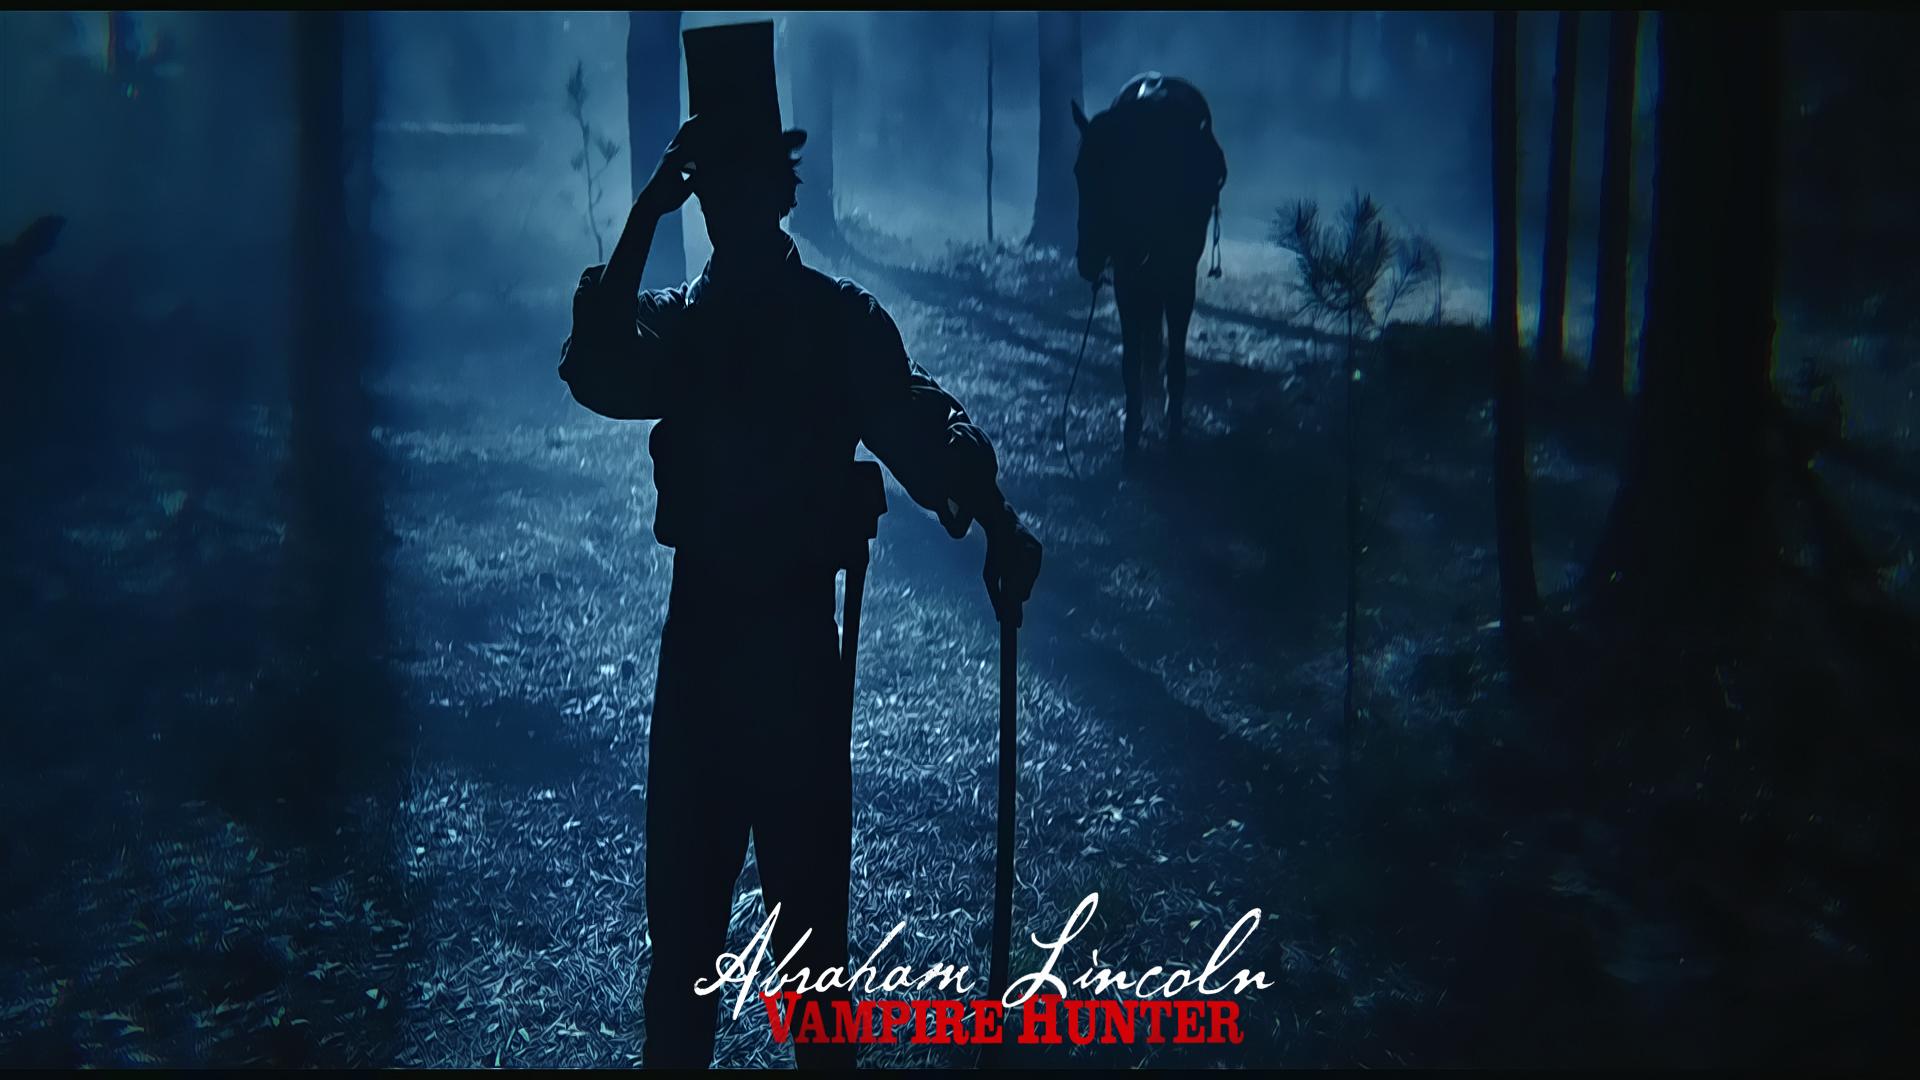 Abraham Lincoln Vampire Hunter wallpapersstills Movie 1920x1080